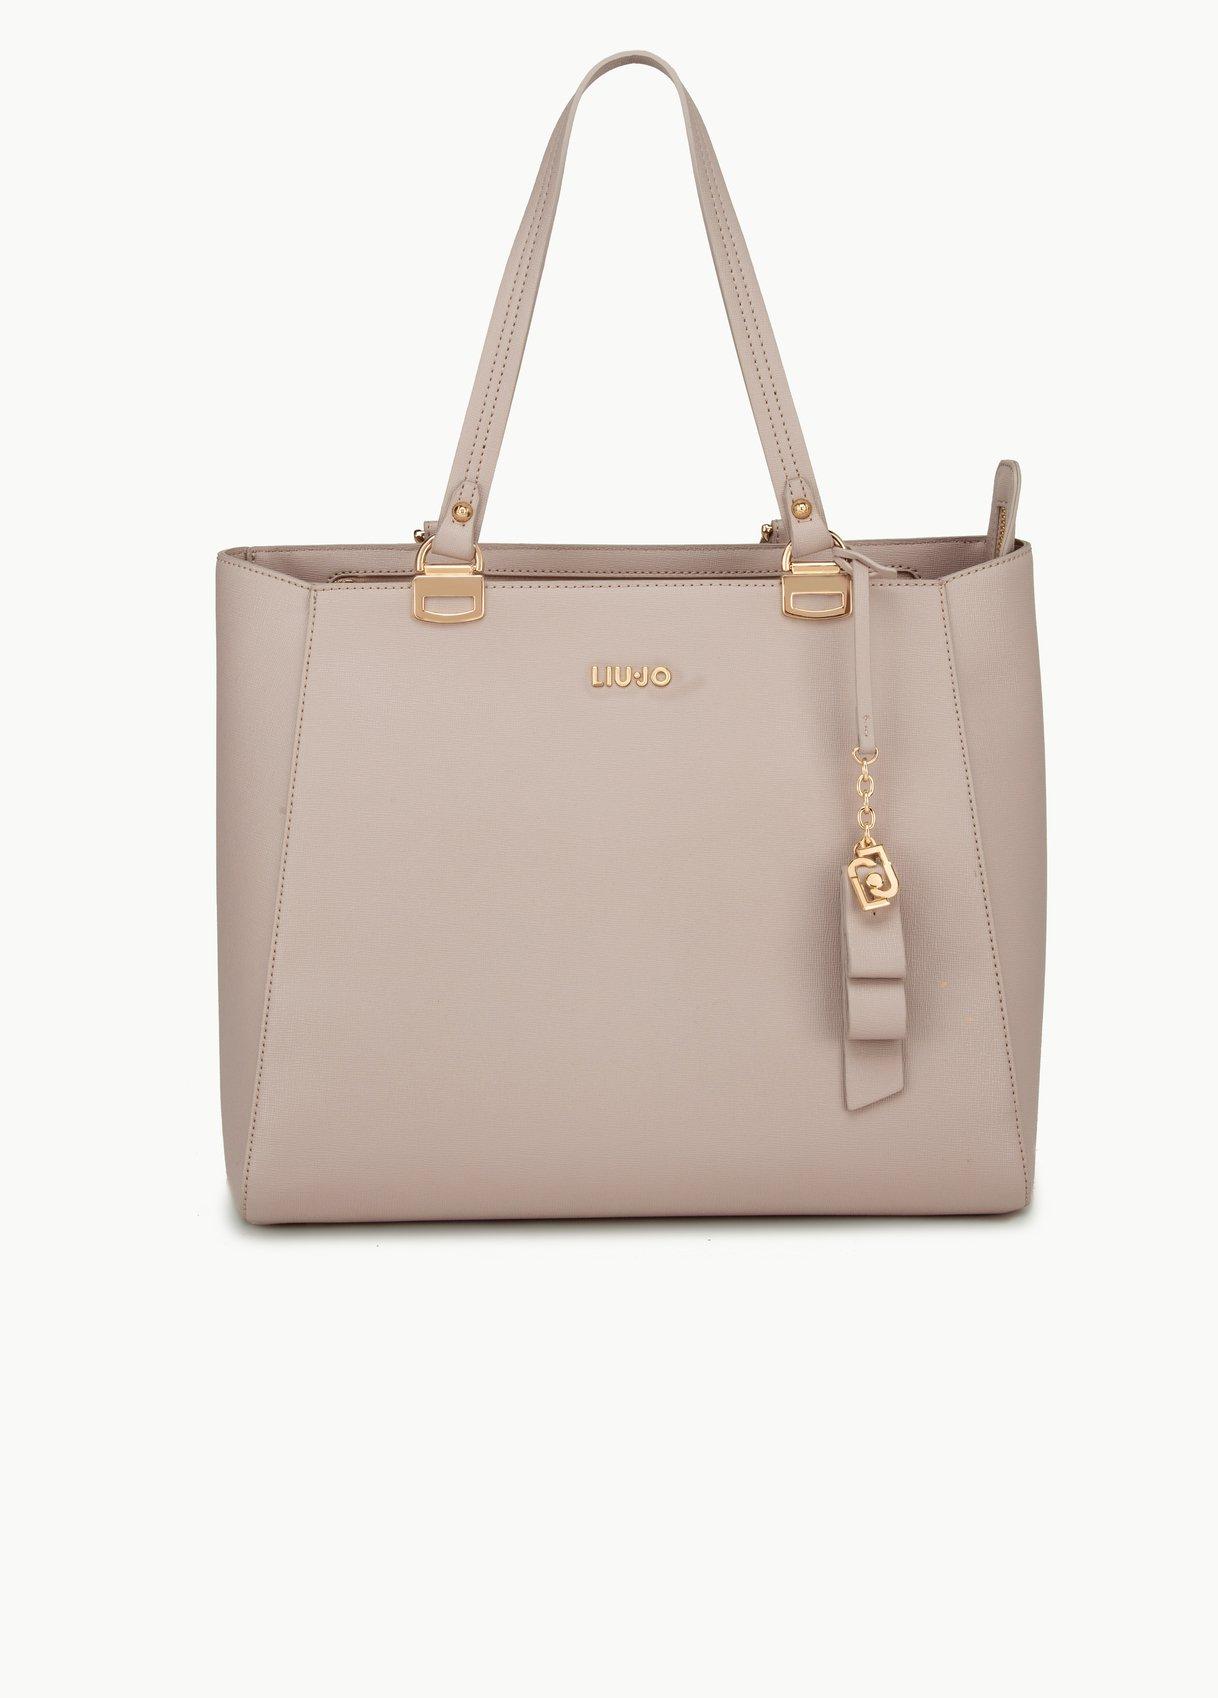 Shopping bag Liu Jo autunno inverno 2019 2020 prezzo 130 euro